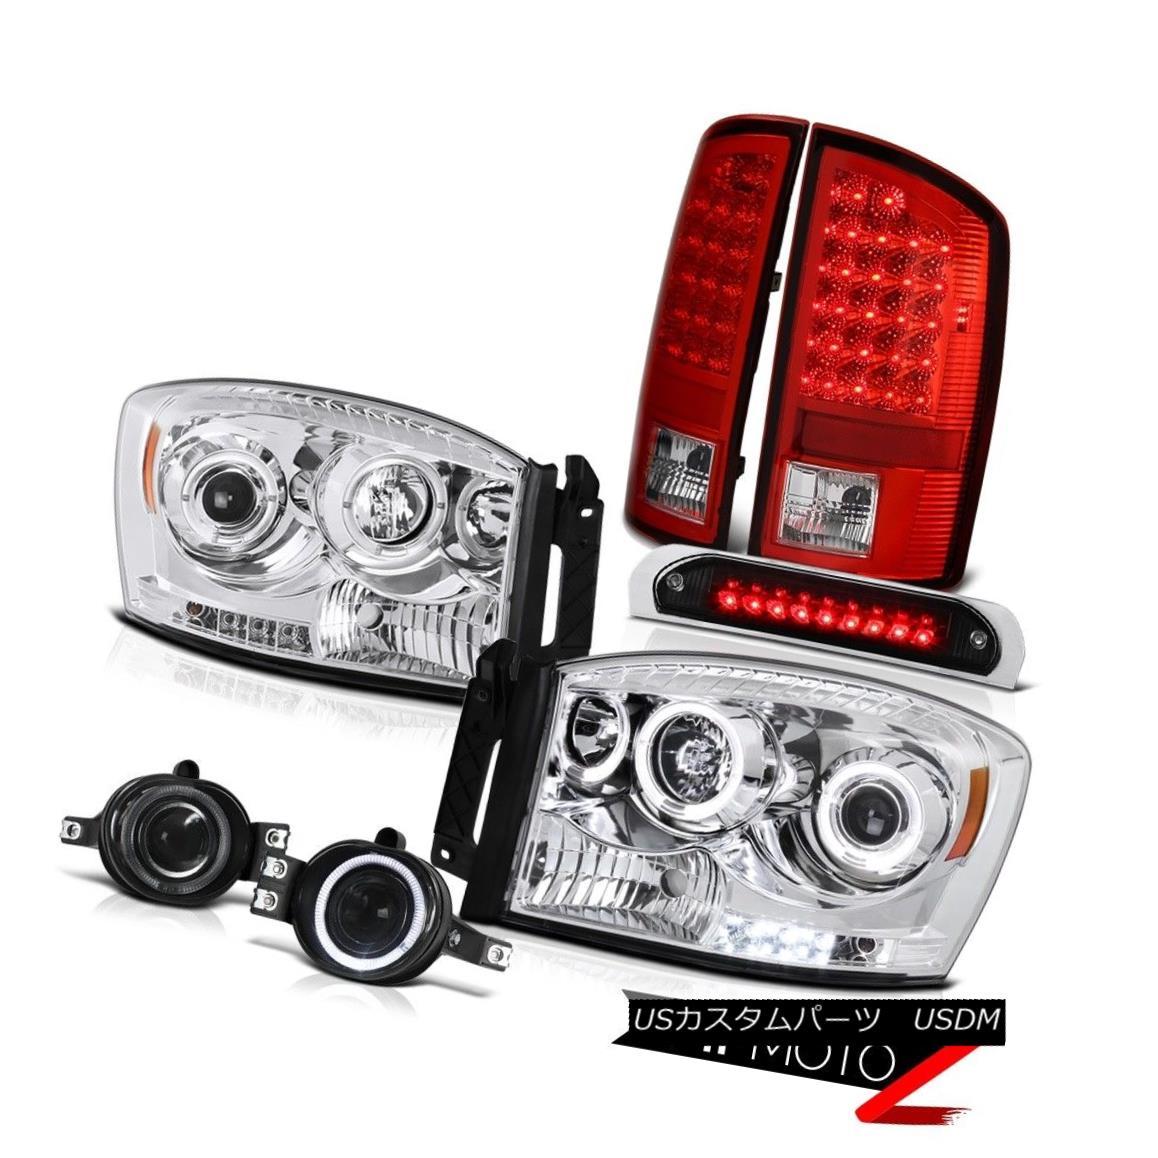 ヘッドライト Projector Headlights Halo Red Brake LED Tail Lights Foglights Stop 2006 Ram V8 プロジェクターヘッドライトHalo RedブレーキLEDテールライトFoglights Stop 2006 Ram V8